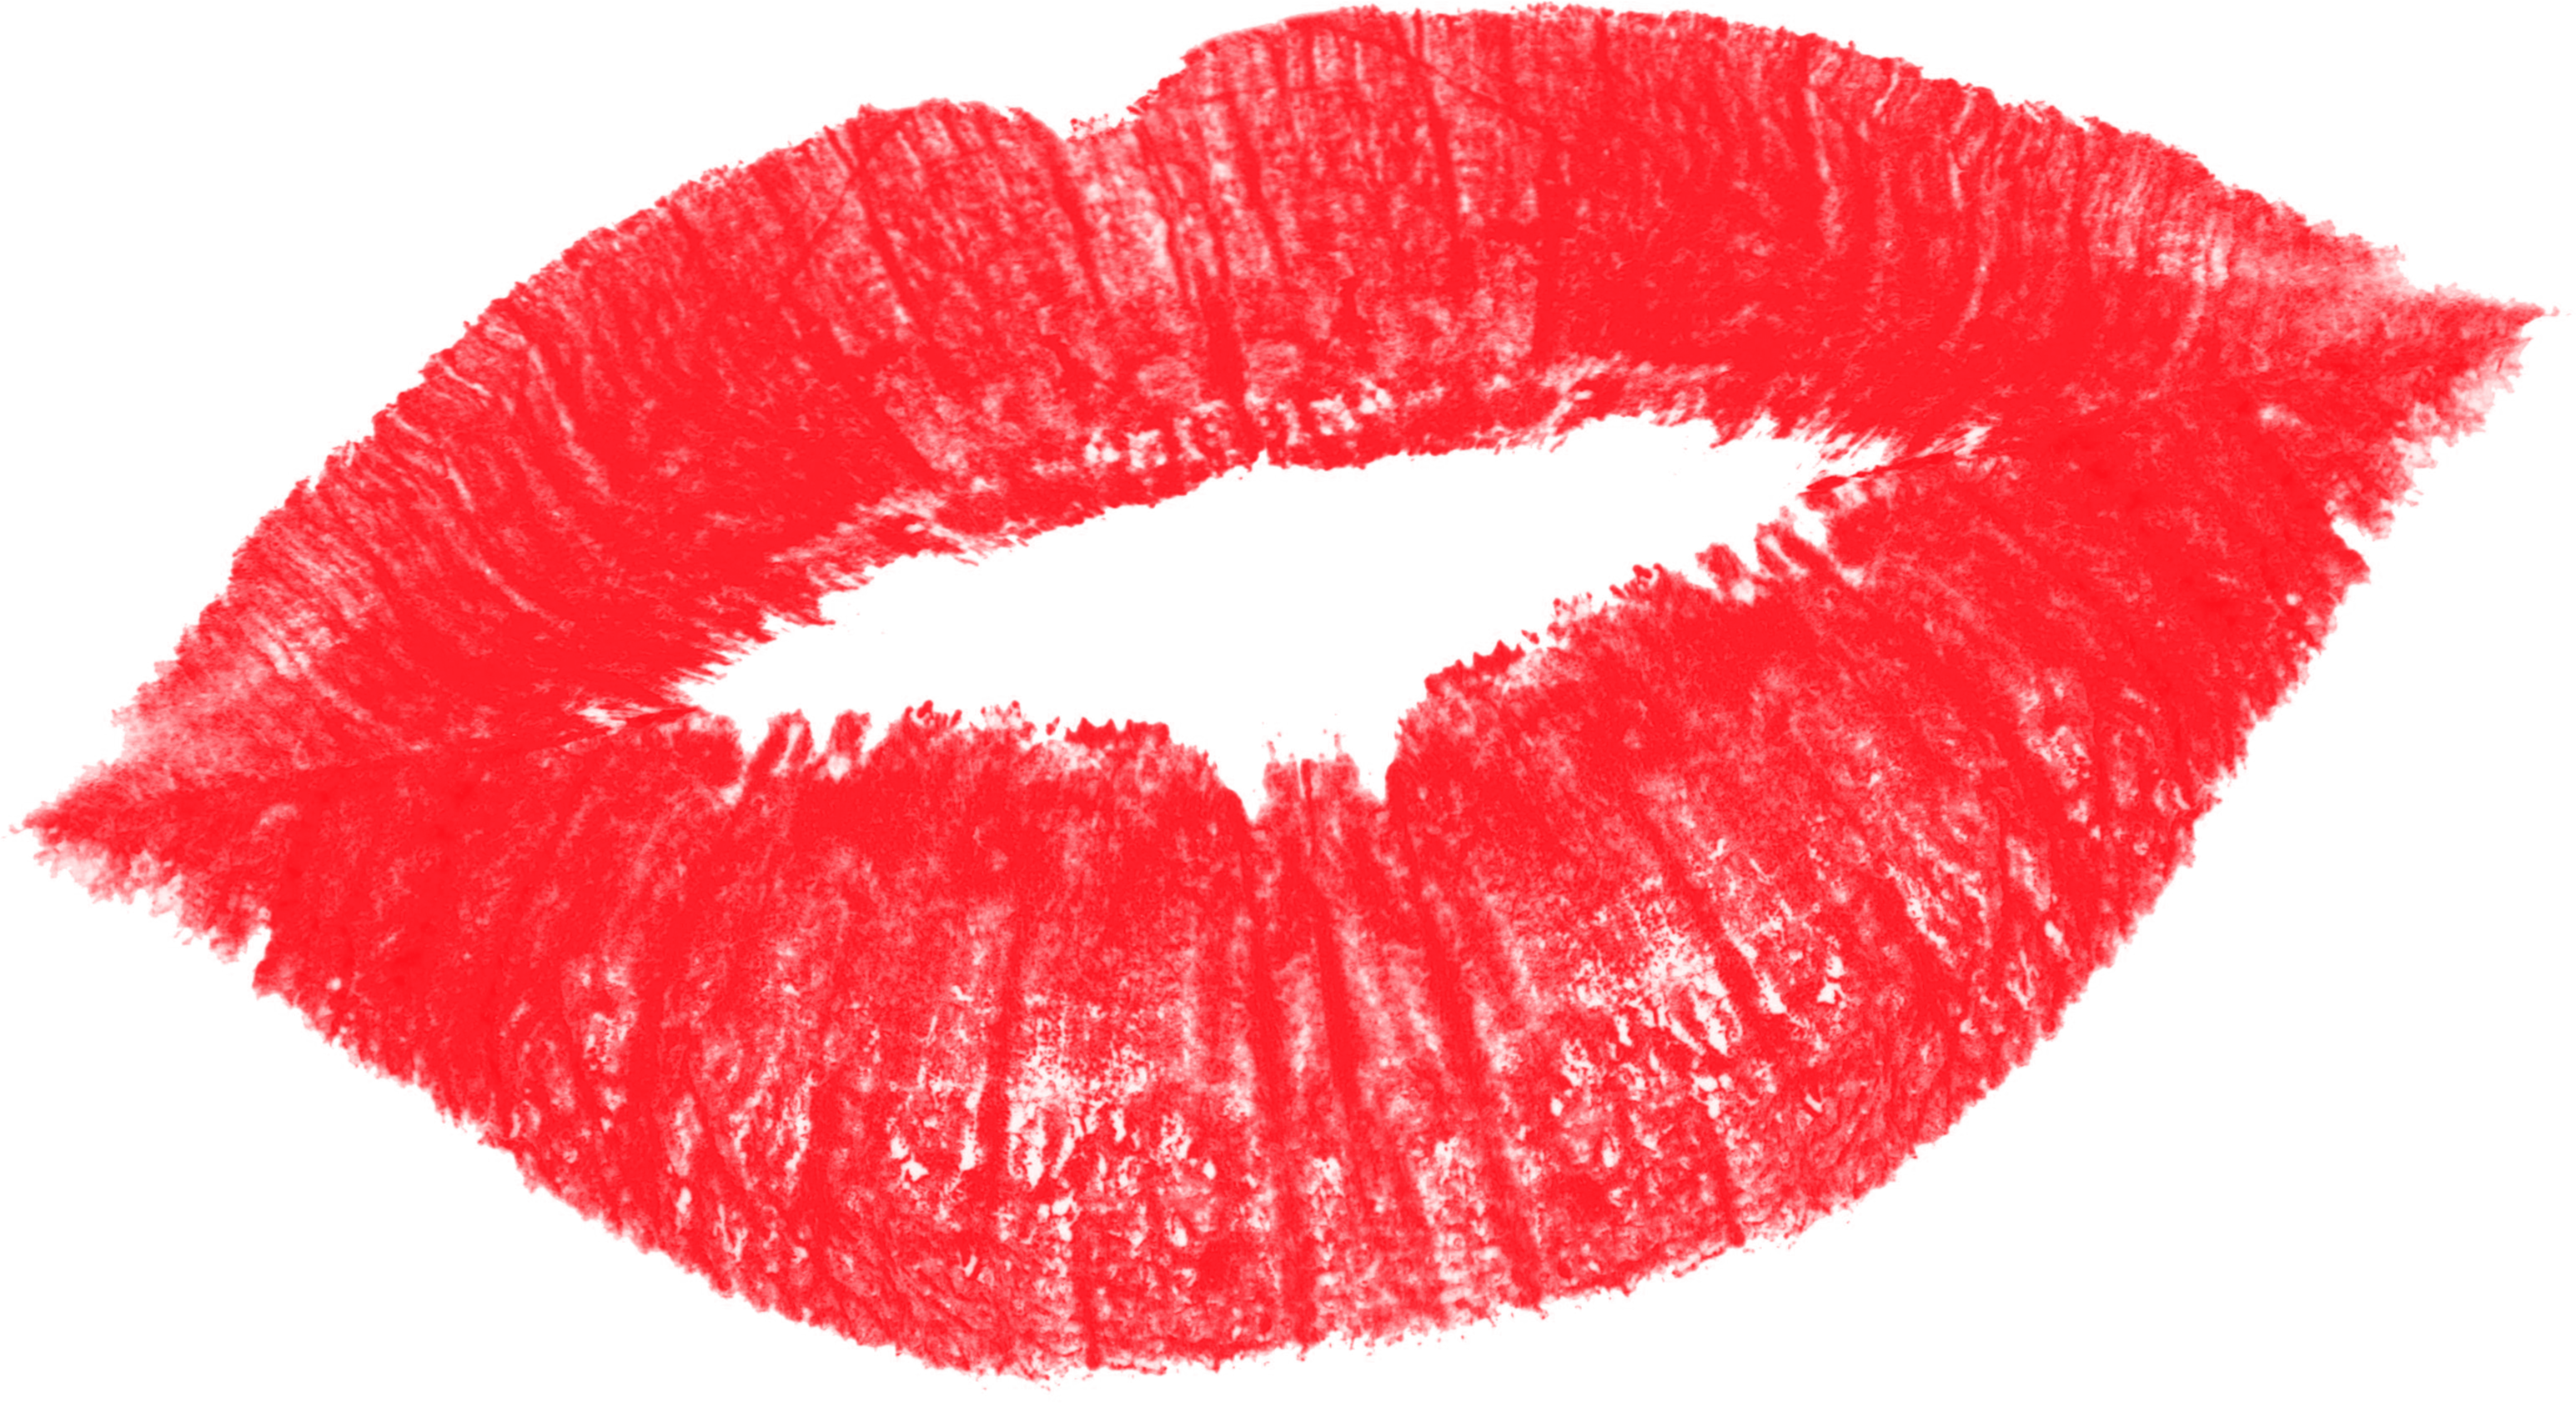 Женские губы, поцелуй - прозрачный png с большим разрешением